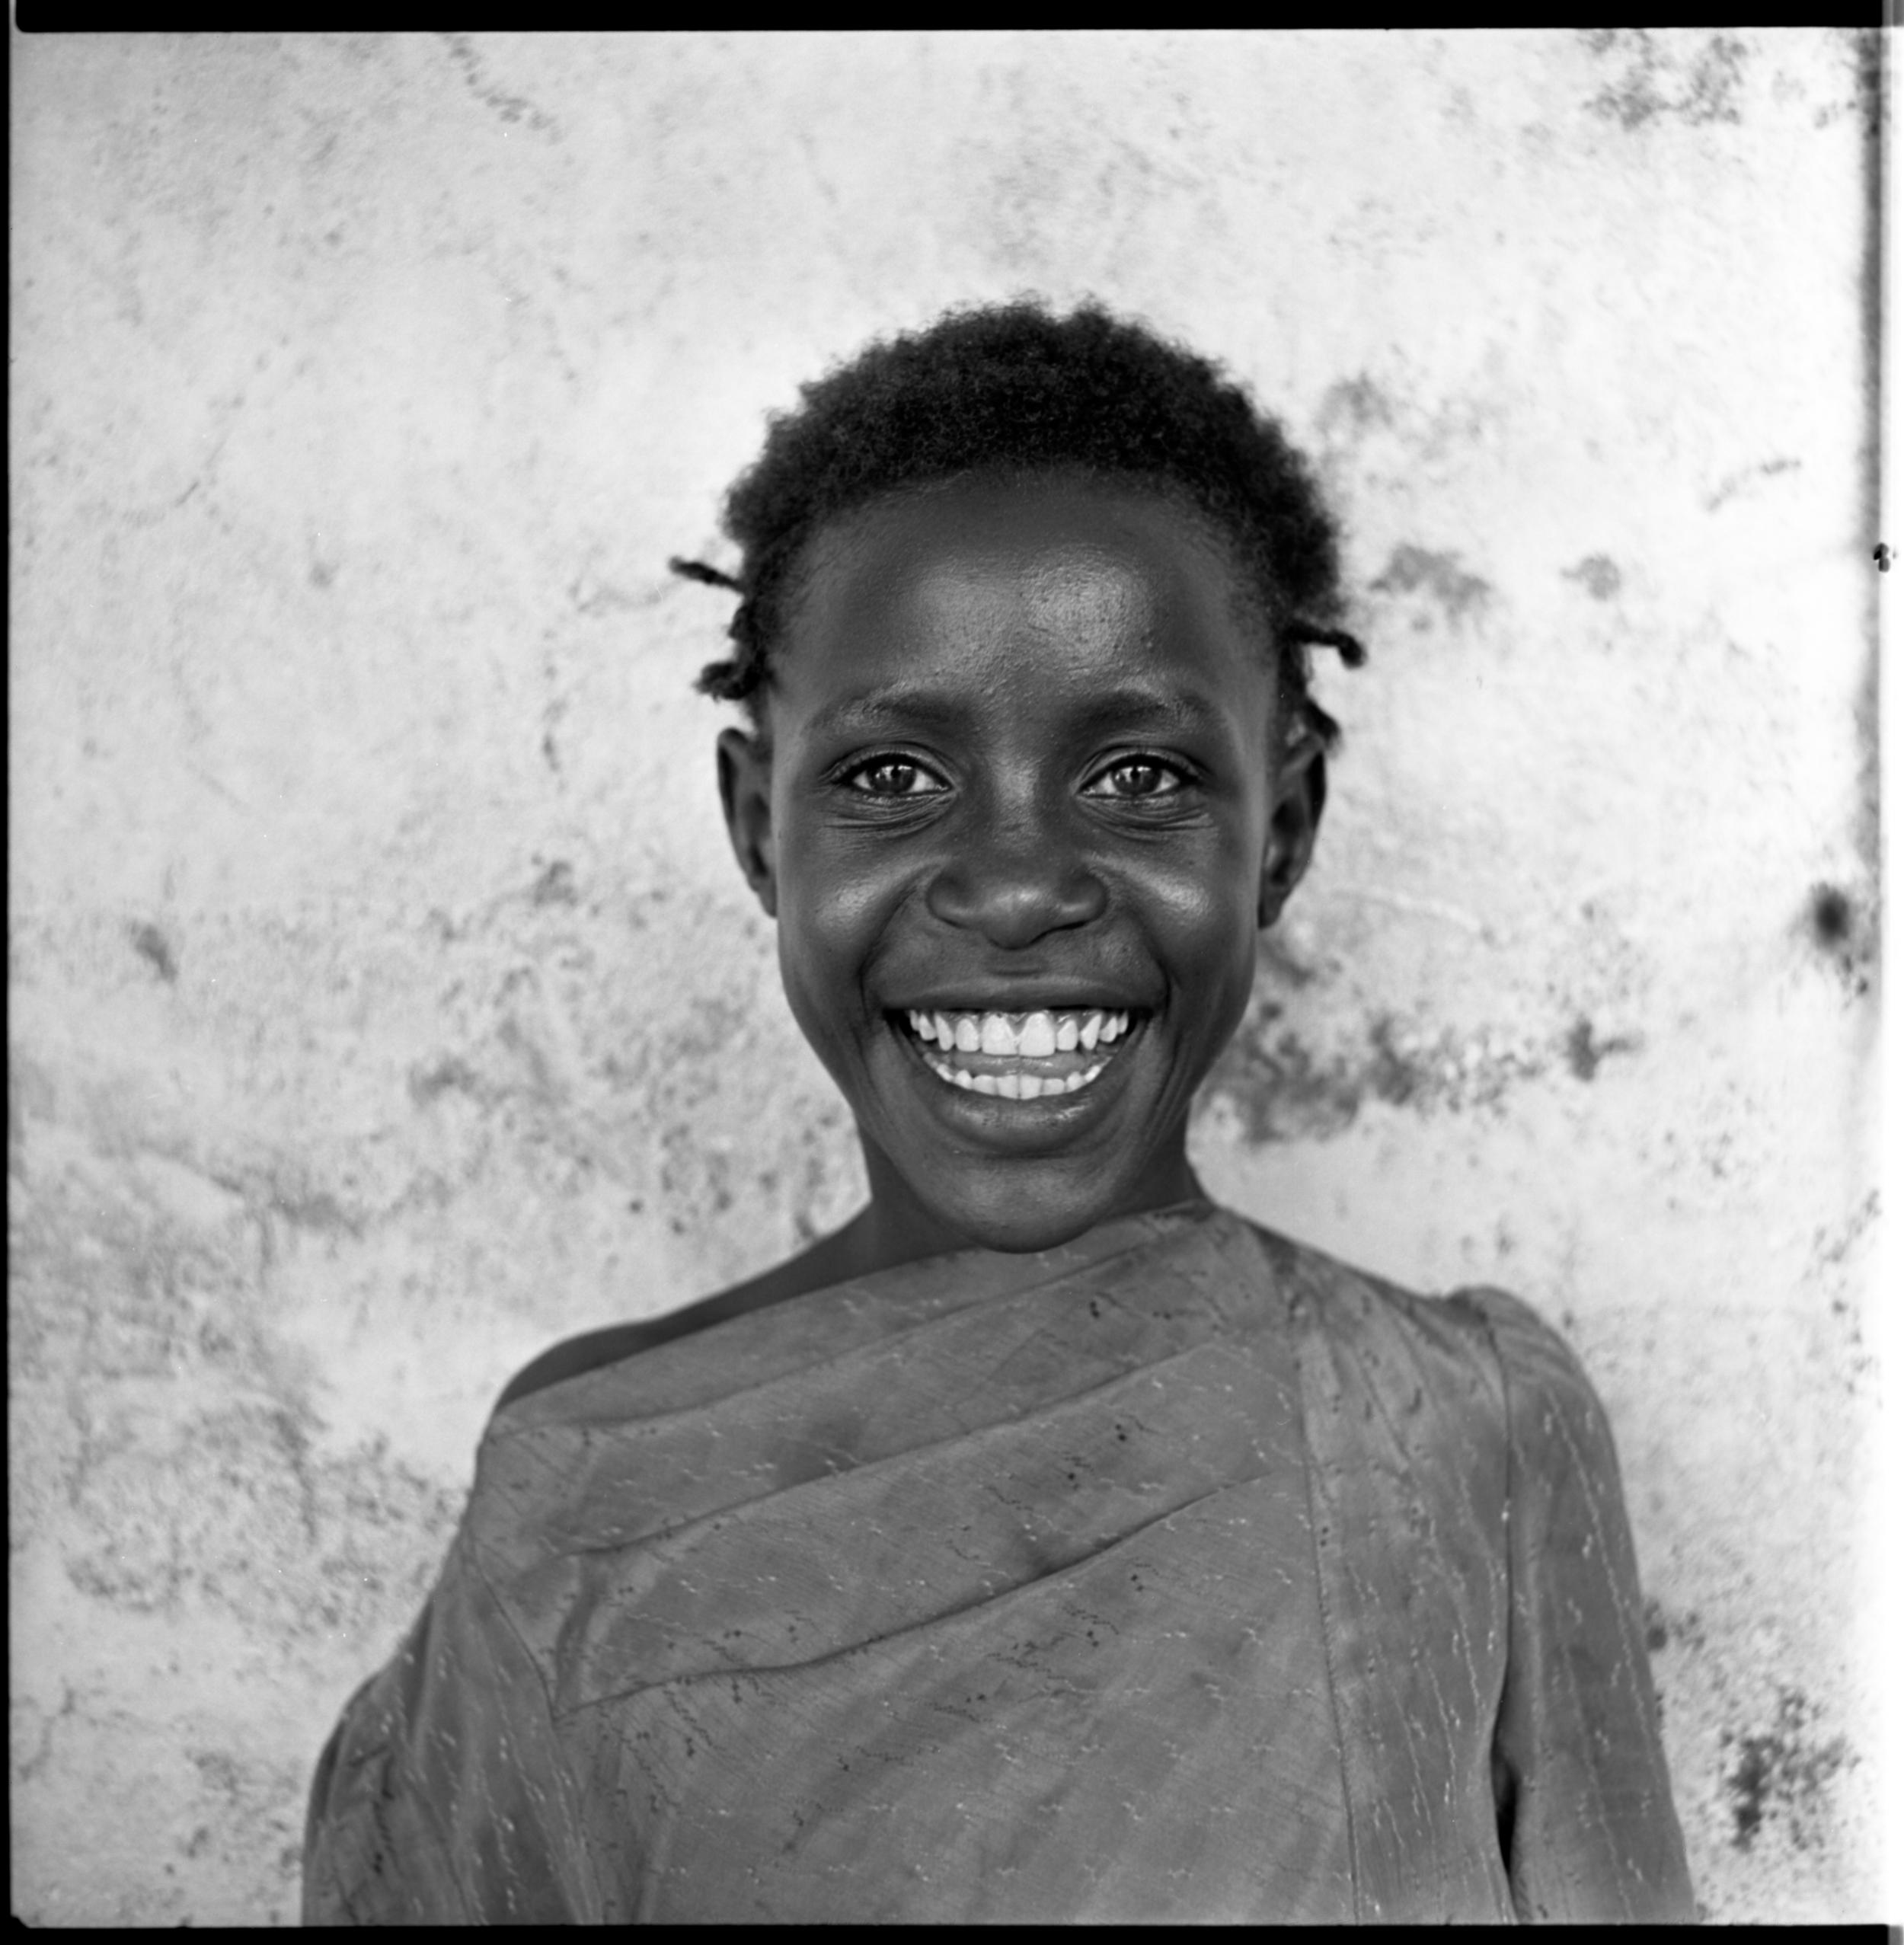 Street girl, Nairobi